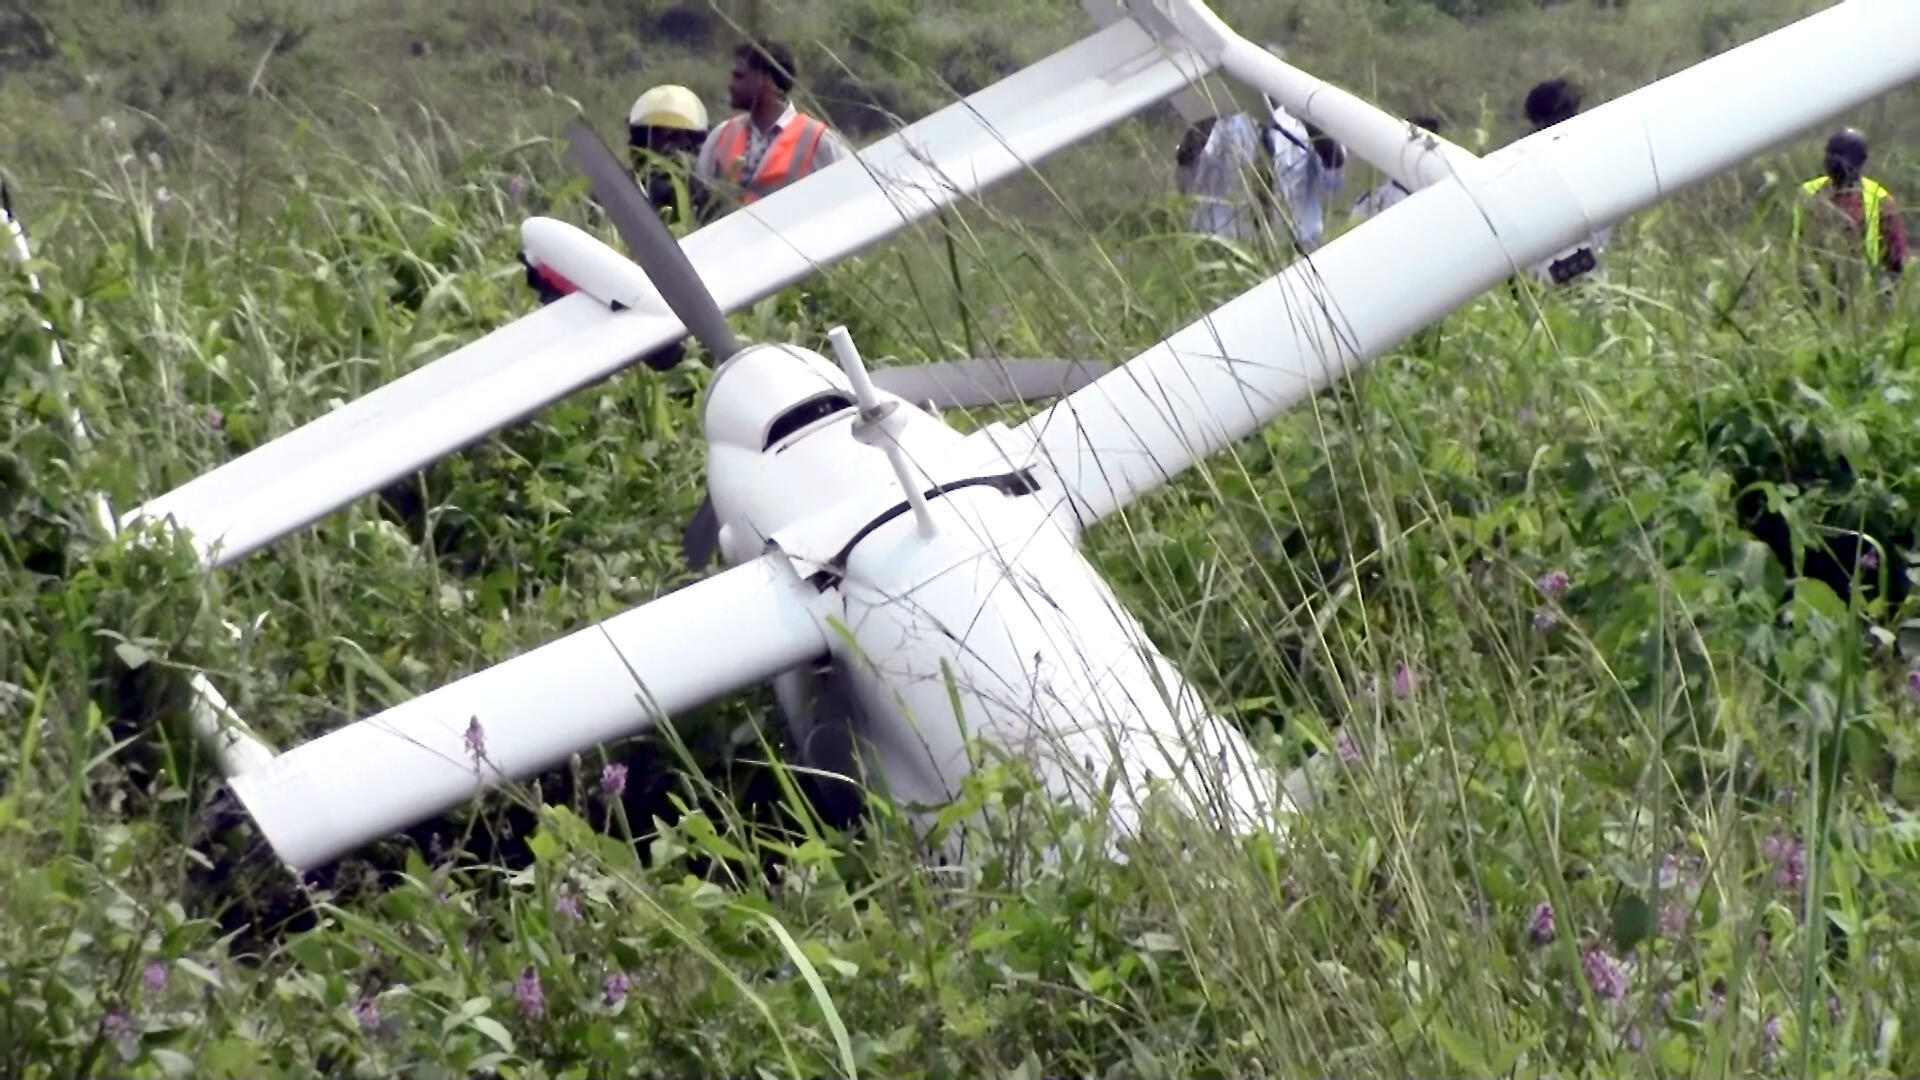 Une enquête a été ouverte sur les circonstances du crash du drone de la Monusco, ce mercredi 15 janvier sur l'aéroport de Goma, en RDC.